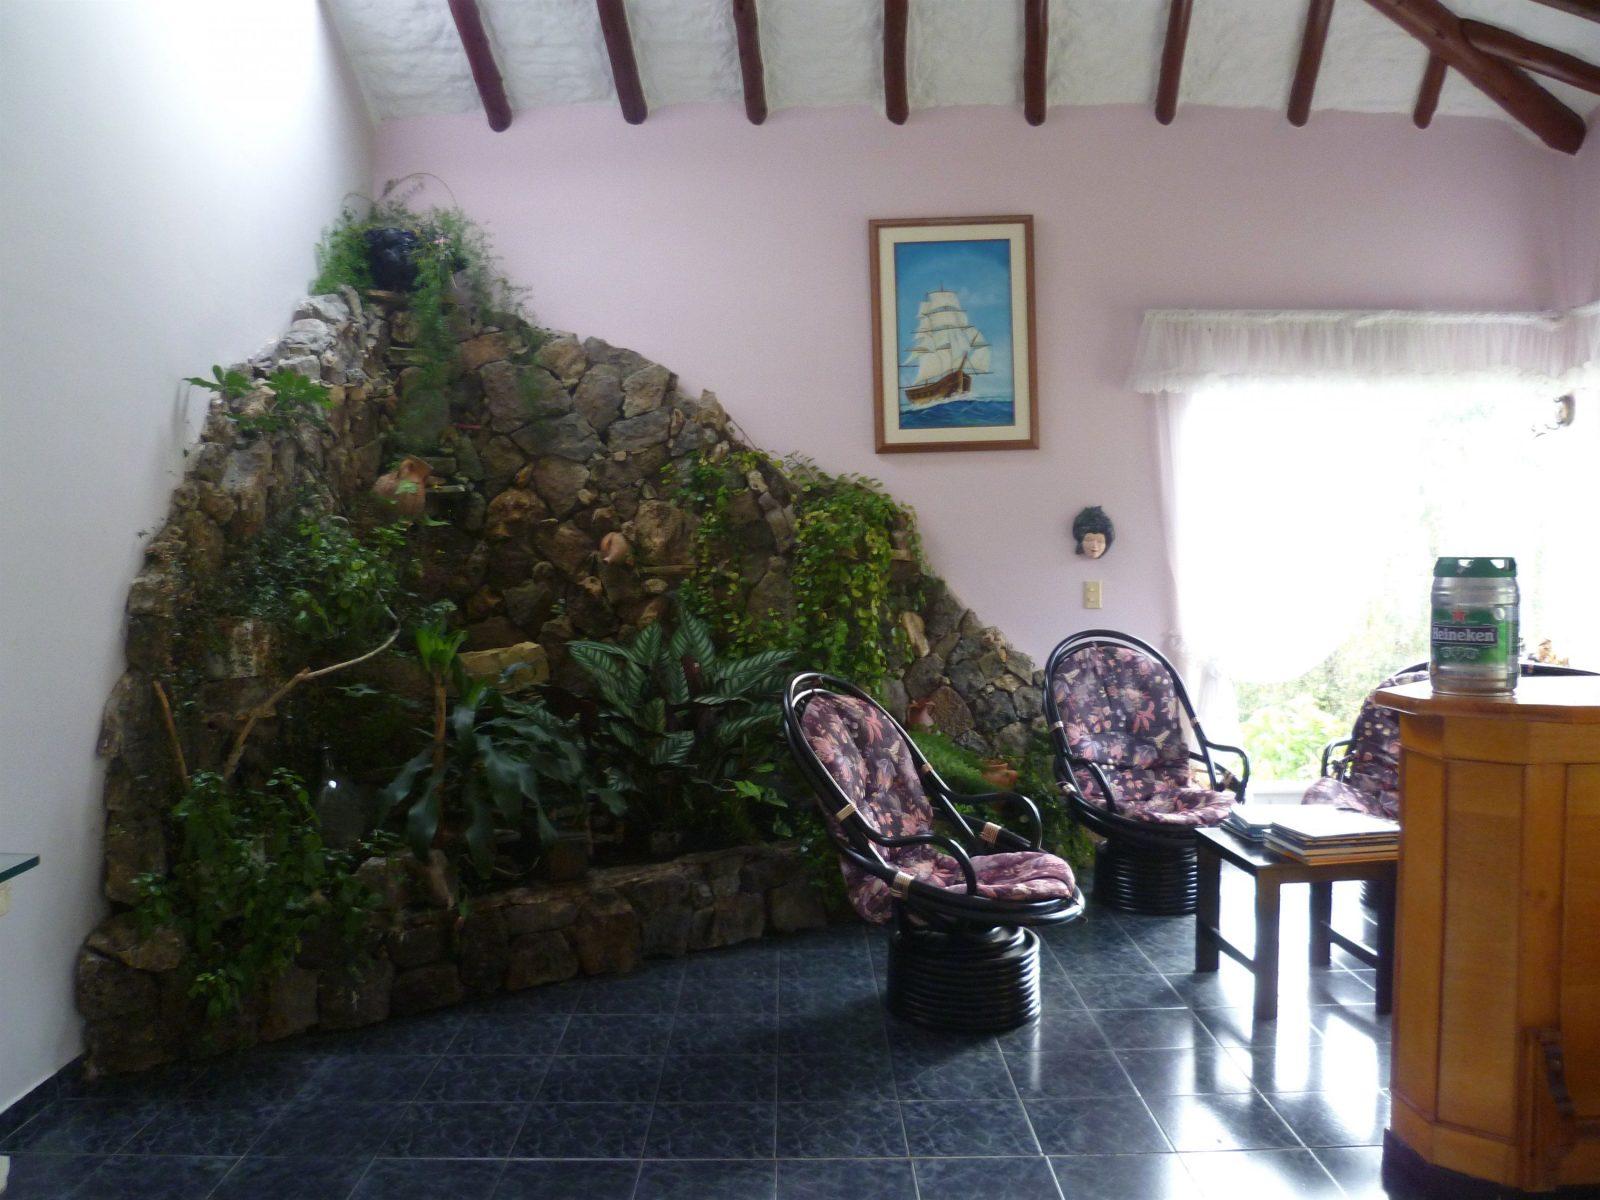 Innenarchitektur Kühles Wasserfall Aus Natursteinen Bauen von Zimmerbrunnen Wasserfall Selber Bauen Photo